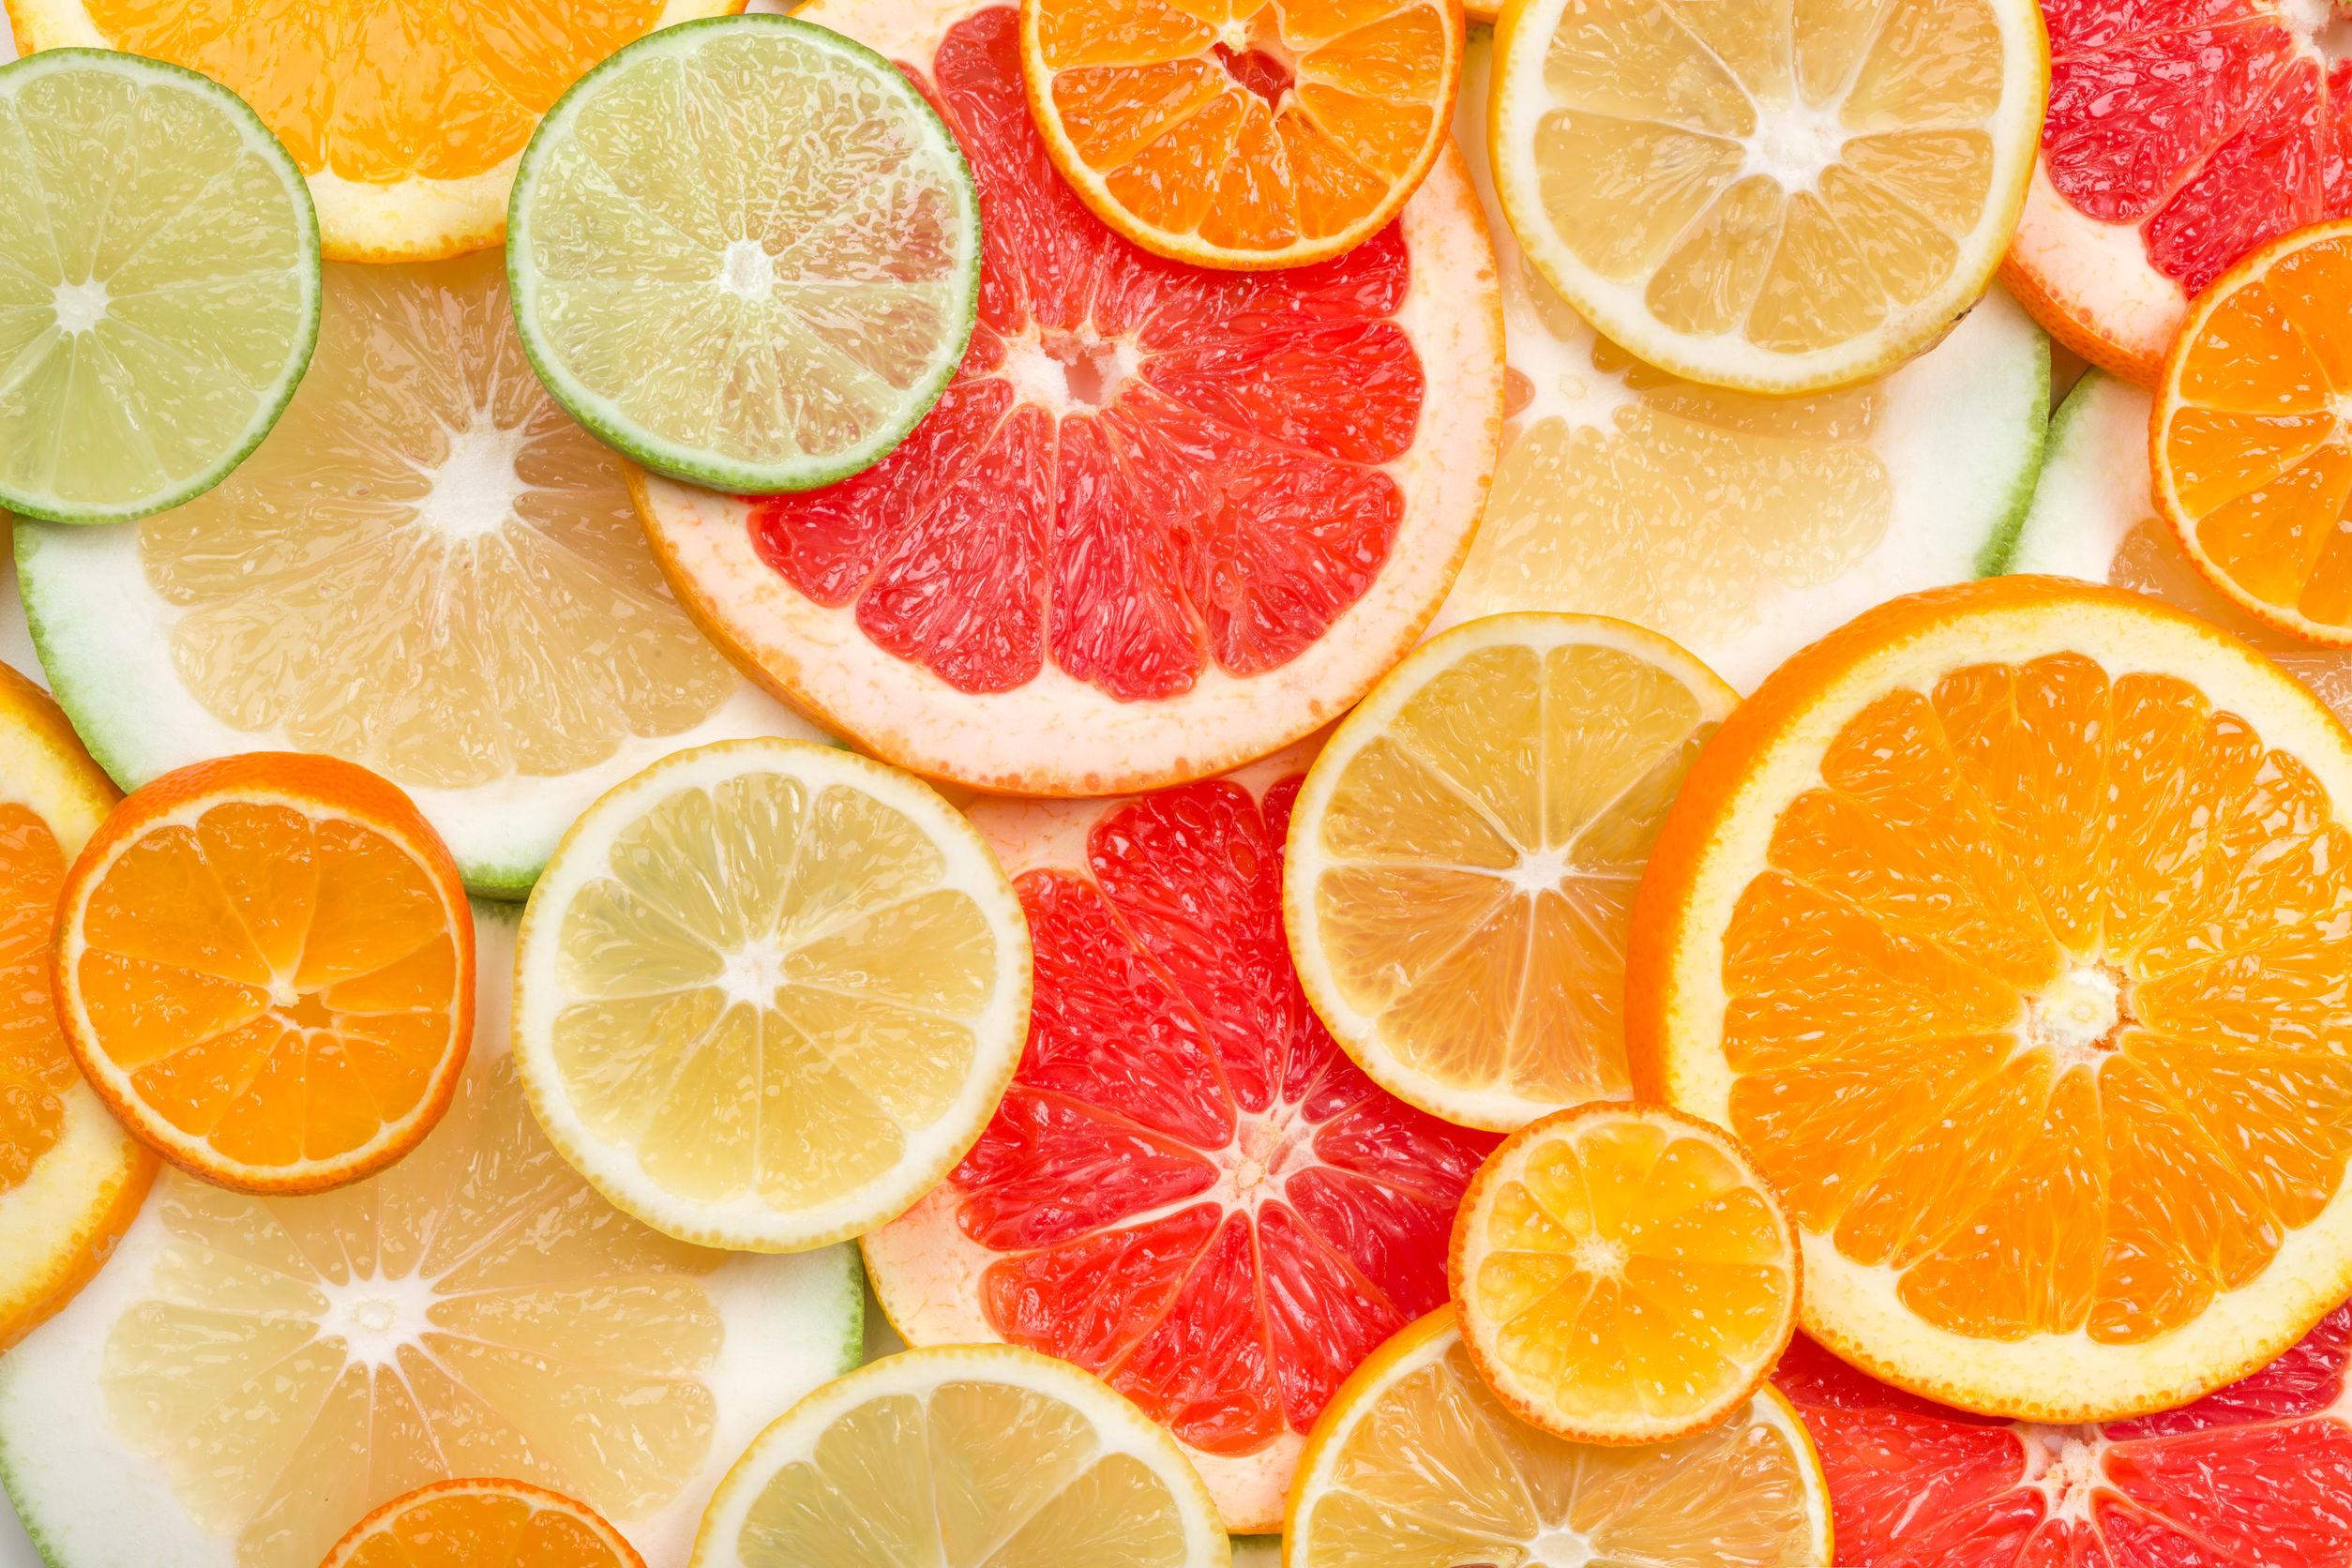 ¿Cuáles son las frutas que contienen vitamina c?